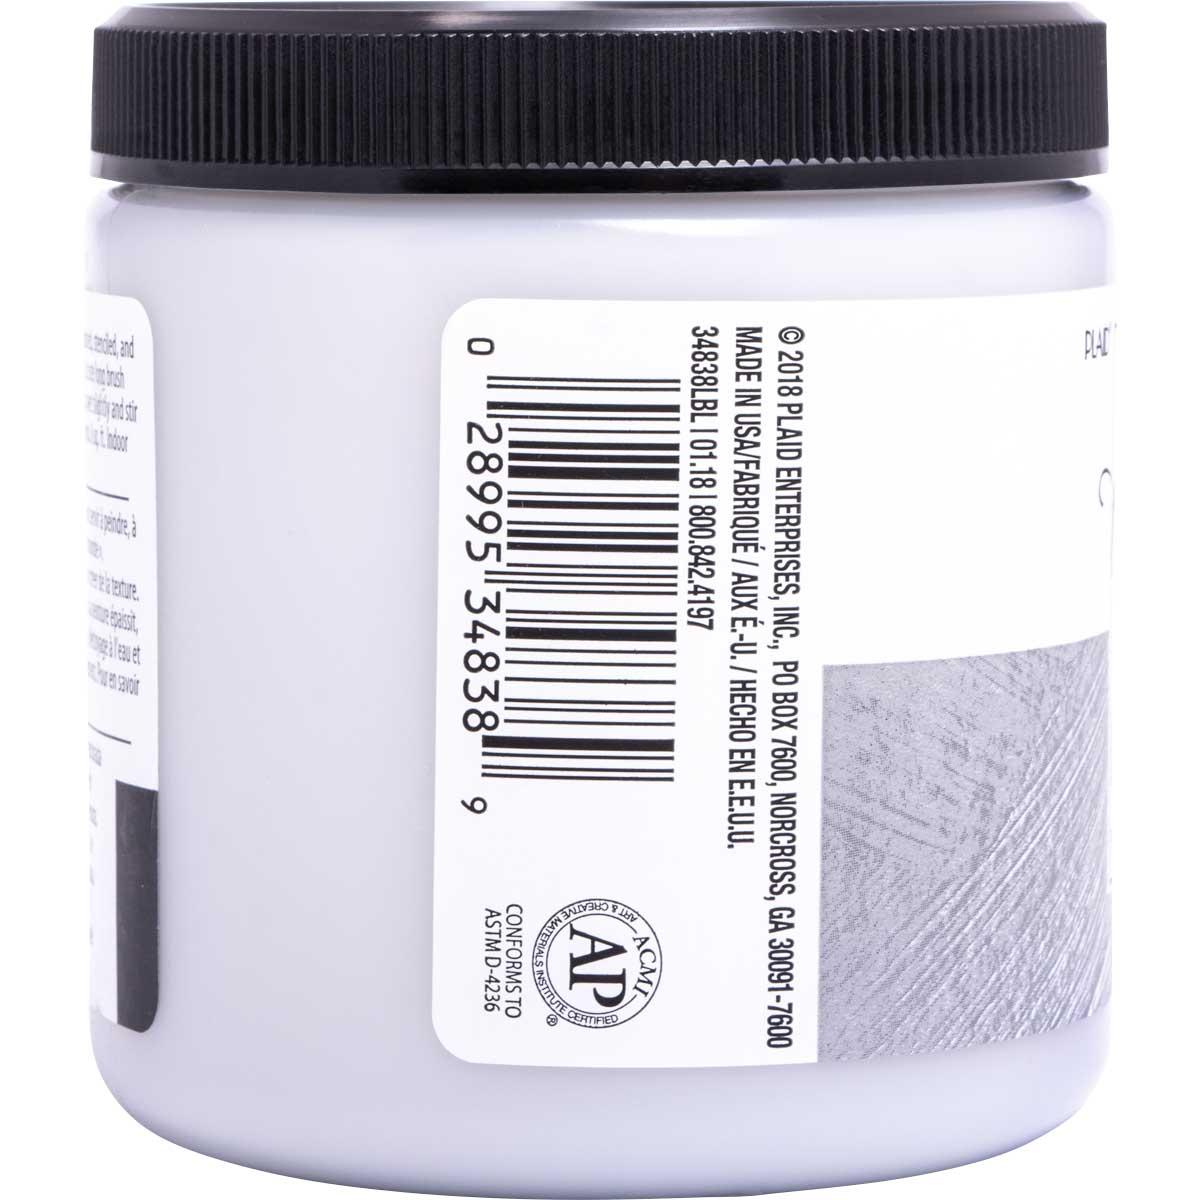 FolkArt ® Home Decor ® Texture Chalk™ - Dovetail, 8 oz.